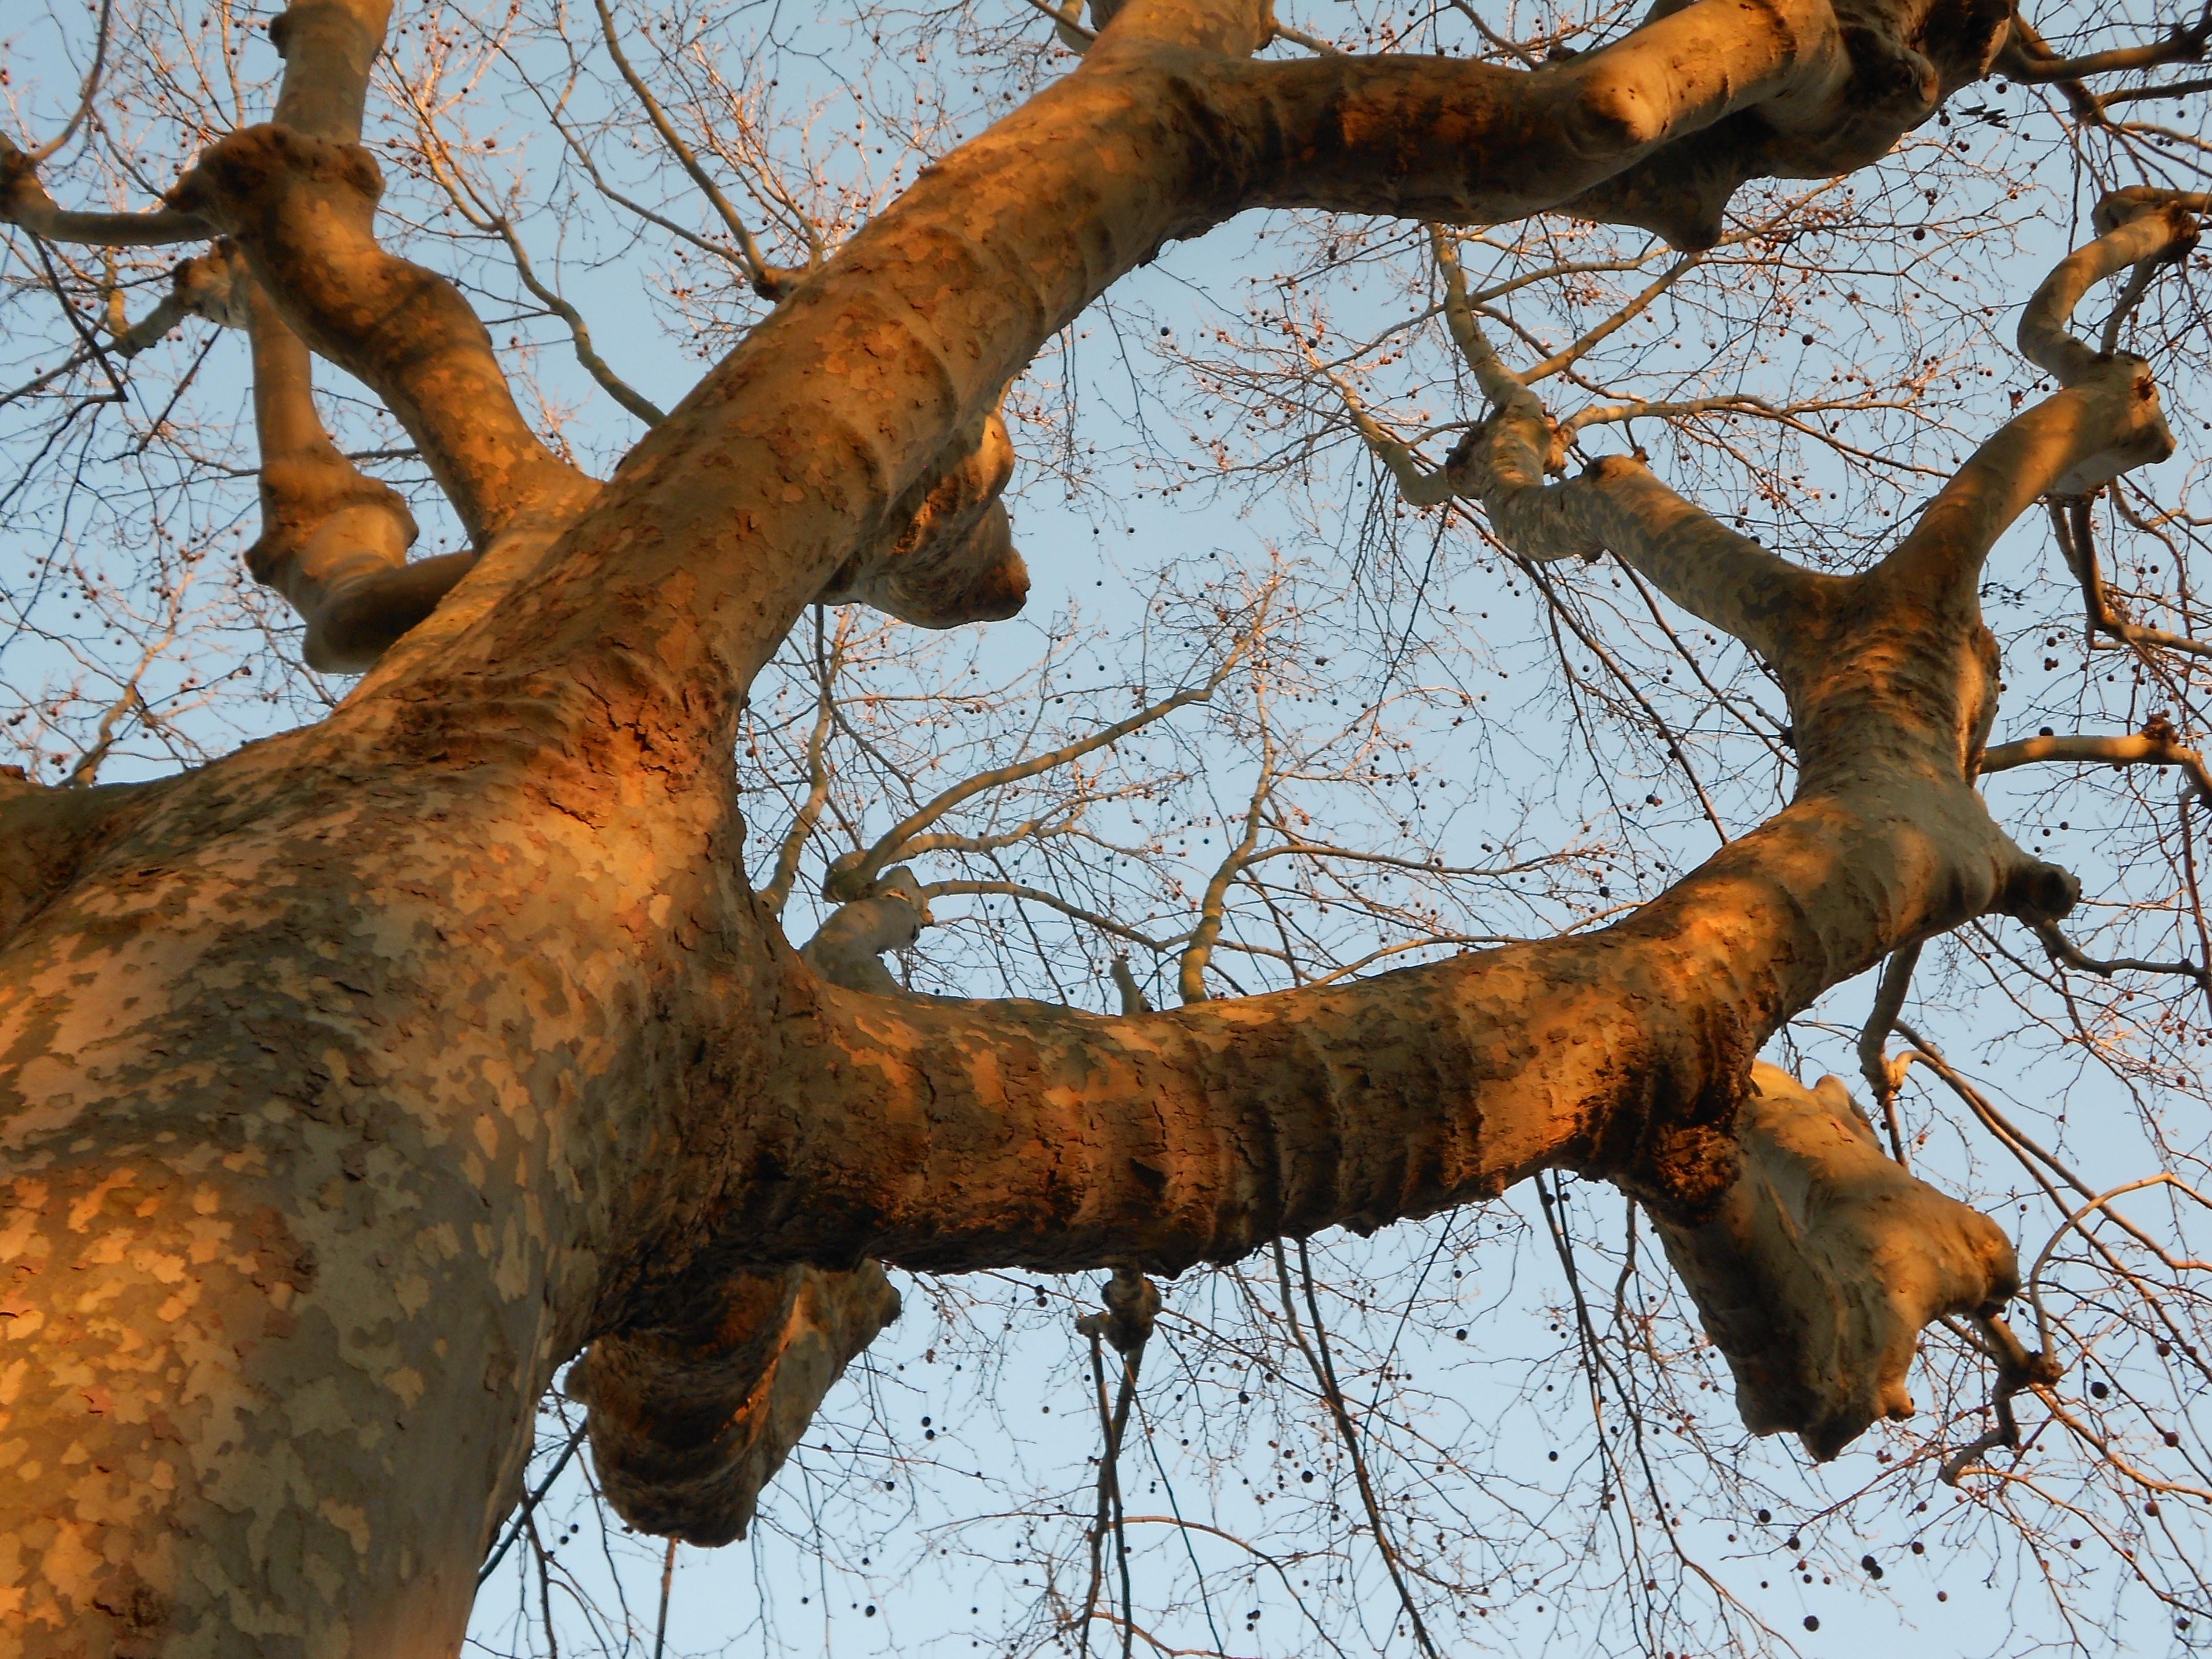 tree next to my bike parking garage at INSEE, Malakoff, Feb. 02, 2012